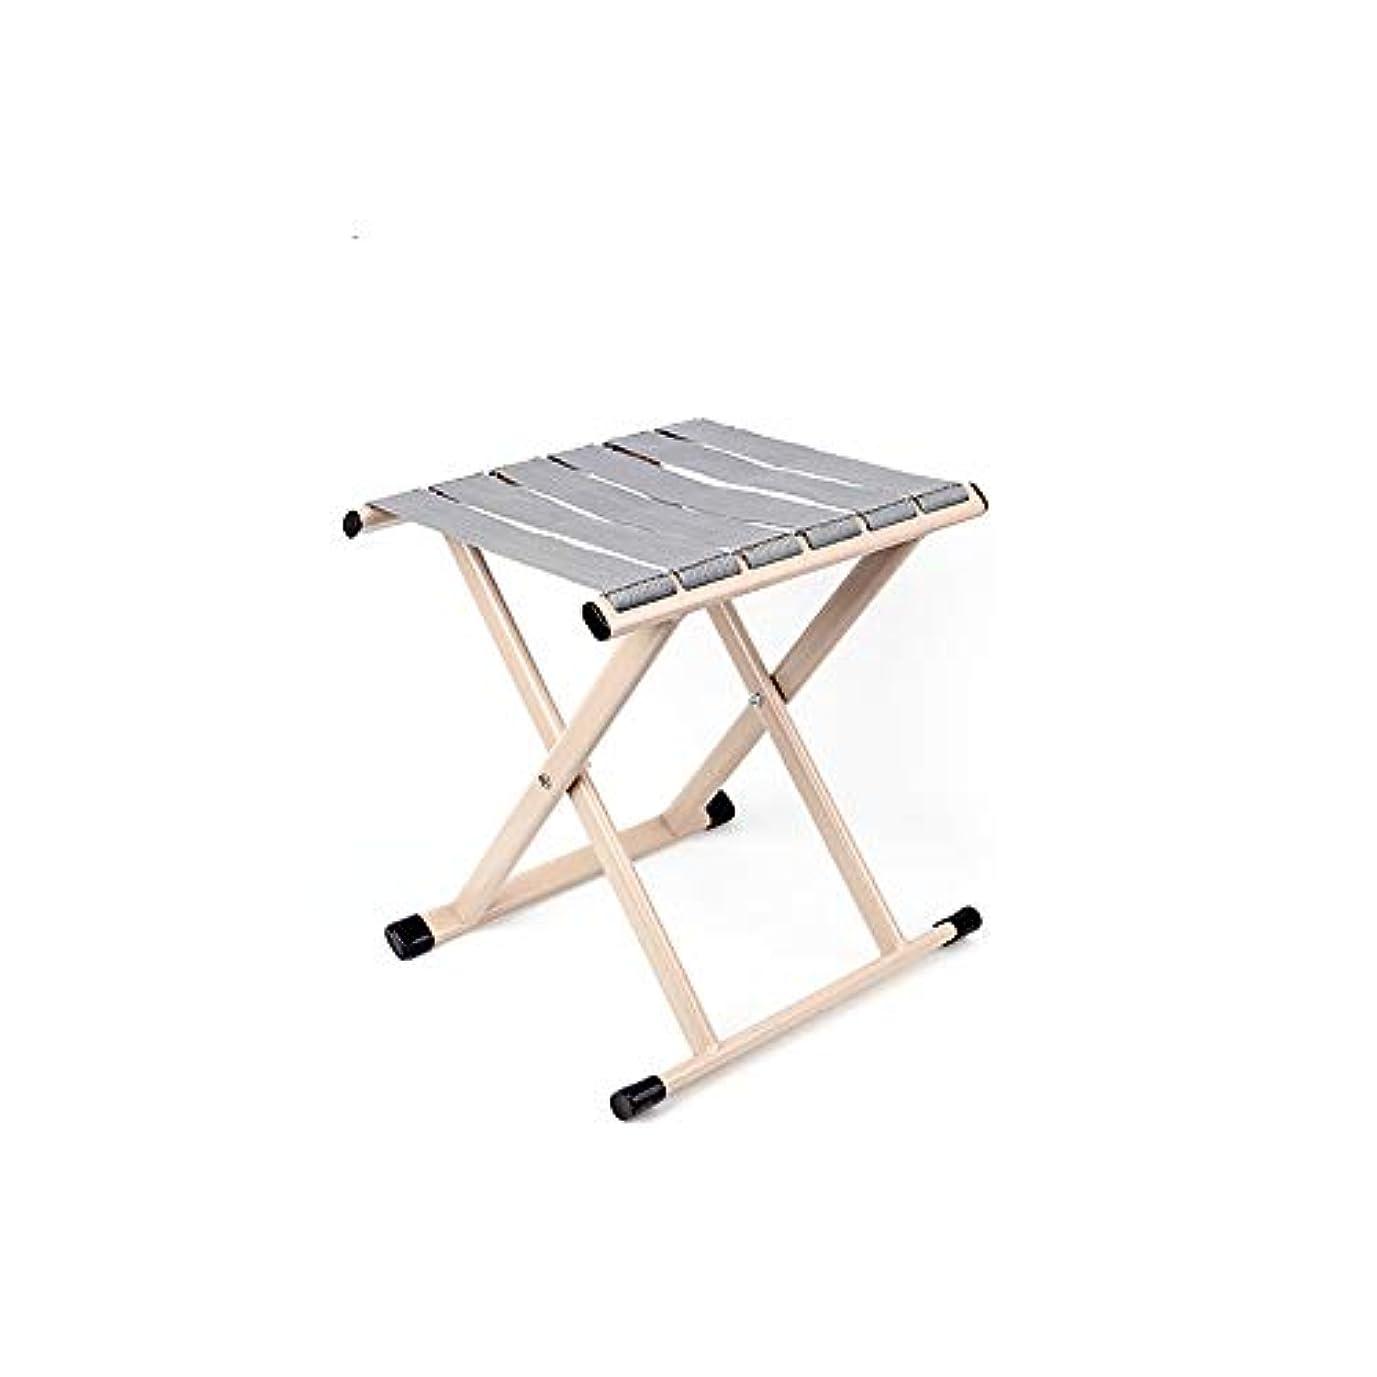 それから郵便屋さん快適ポータブルキャンプチェア折りたたみ椅子折りたたみスツール折りたたみポータブル屋外釣り椅子